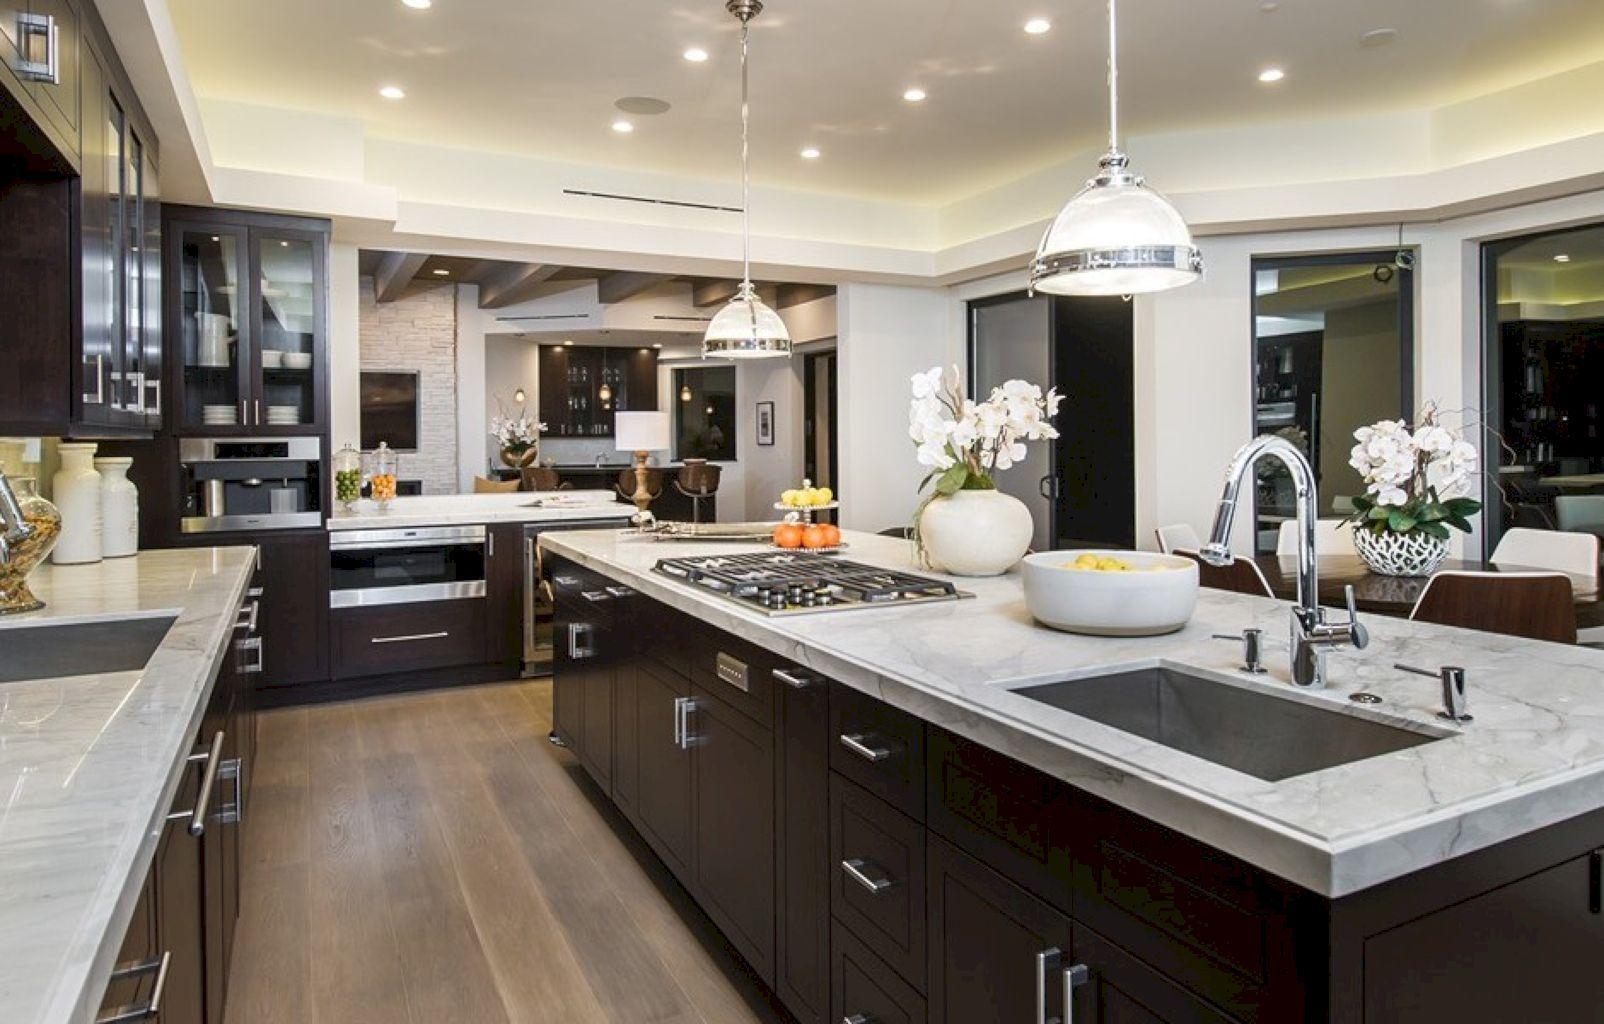 Best 47 Super Elegant Luxury Kitchen Ideas Mansion Kitchen 640 x 480